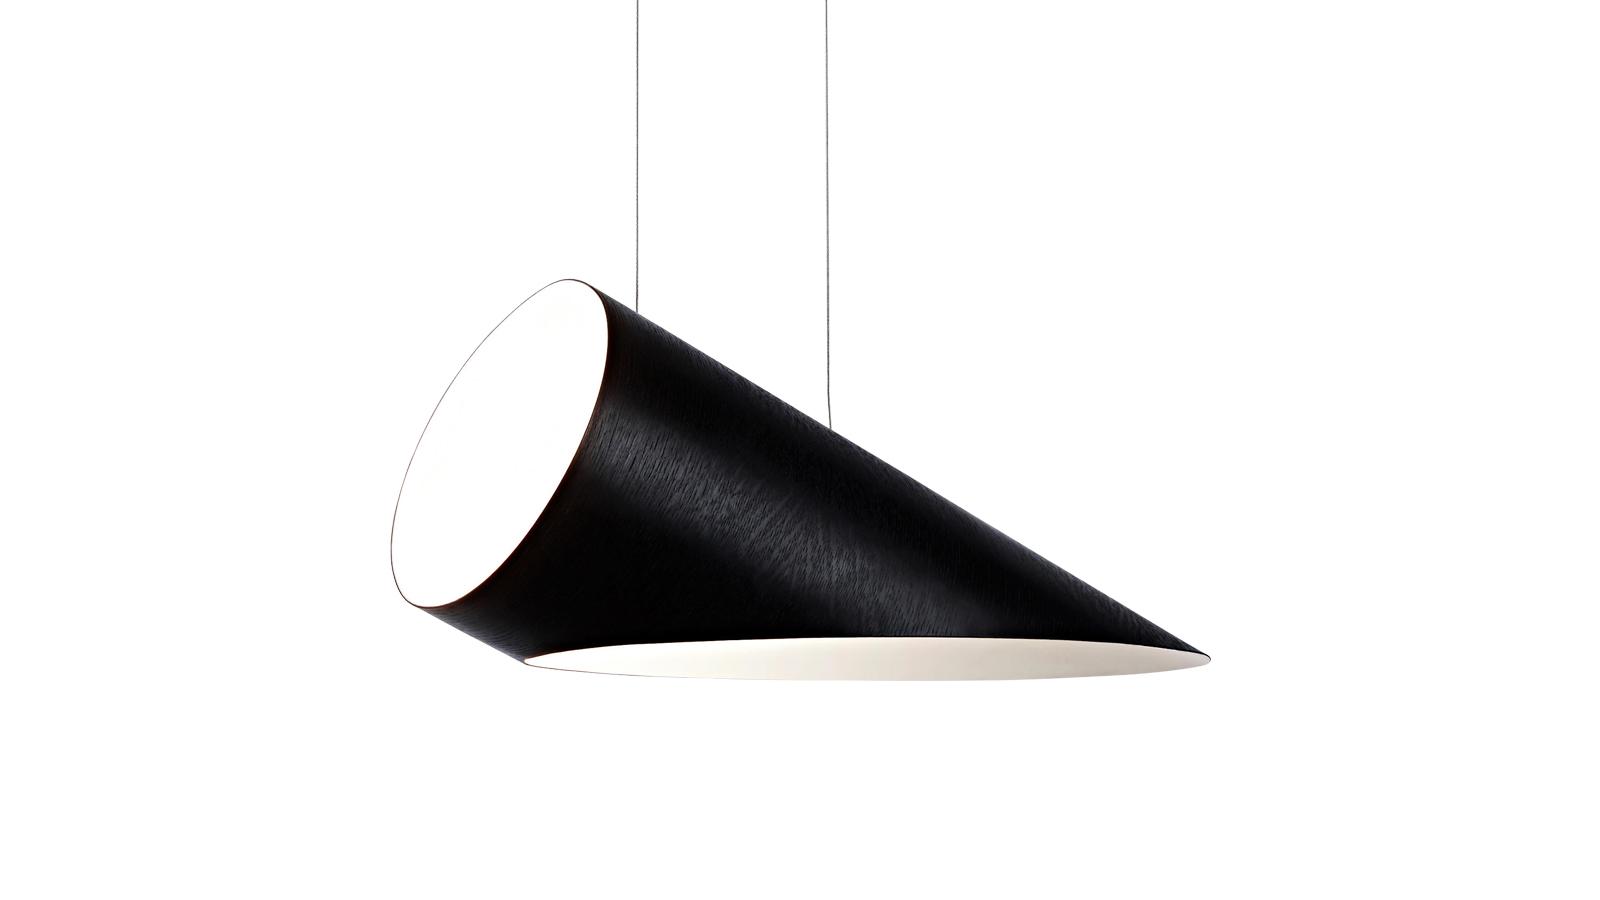 Egy igazi geometriai játék, egy látványos trükk, egy különleges illúzió – ez a Roll & Hill Arbor Suspension lámpája. A kör, henger és ellipszis idomaiból felépített, két különböző méretben kapható modell teste feketére festett tölgyből készült – ezért súlyosnak tűnik, de valójában leheletkönnyű. A kontrasztokra, meglepetésekre, a fekete-fehér, könnyű-nehéz, kétdimenziós vagy háromdimenziós ellentétpárokra épített lámpatest már-már műalkotás – ugyanakkor természetesen tökéletesen funkcionáló használati tárgy is.